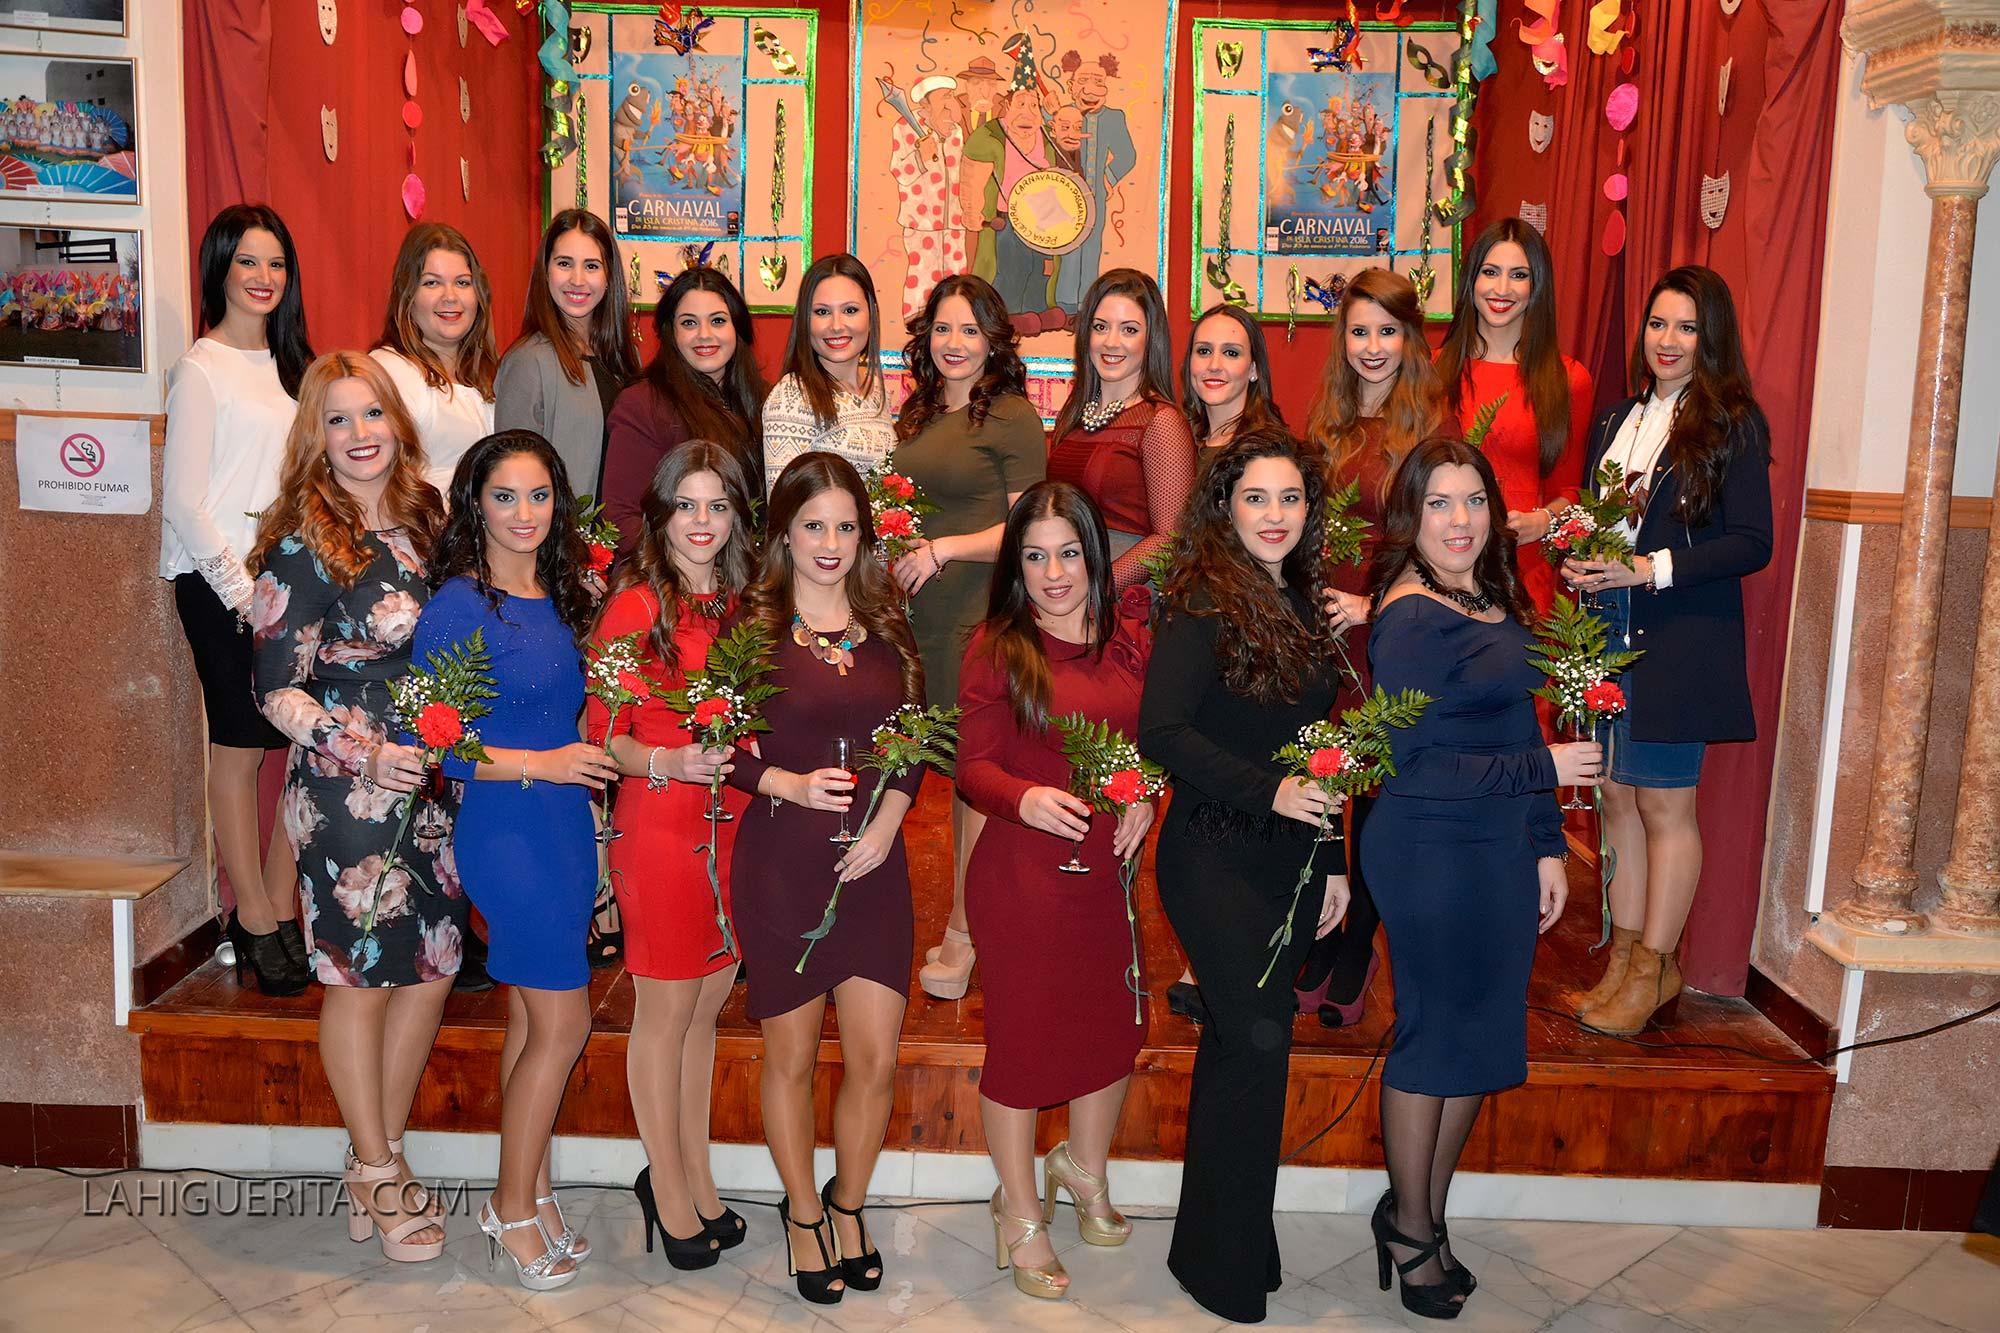 Recepción de las Reinas y Cortes de Honor Juvenil del Carnaval de Isla Cristina 2015